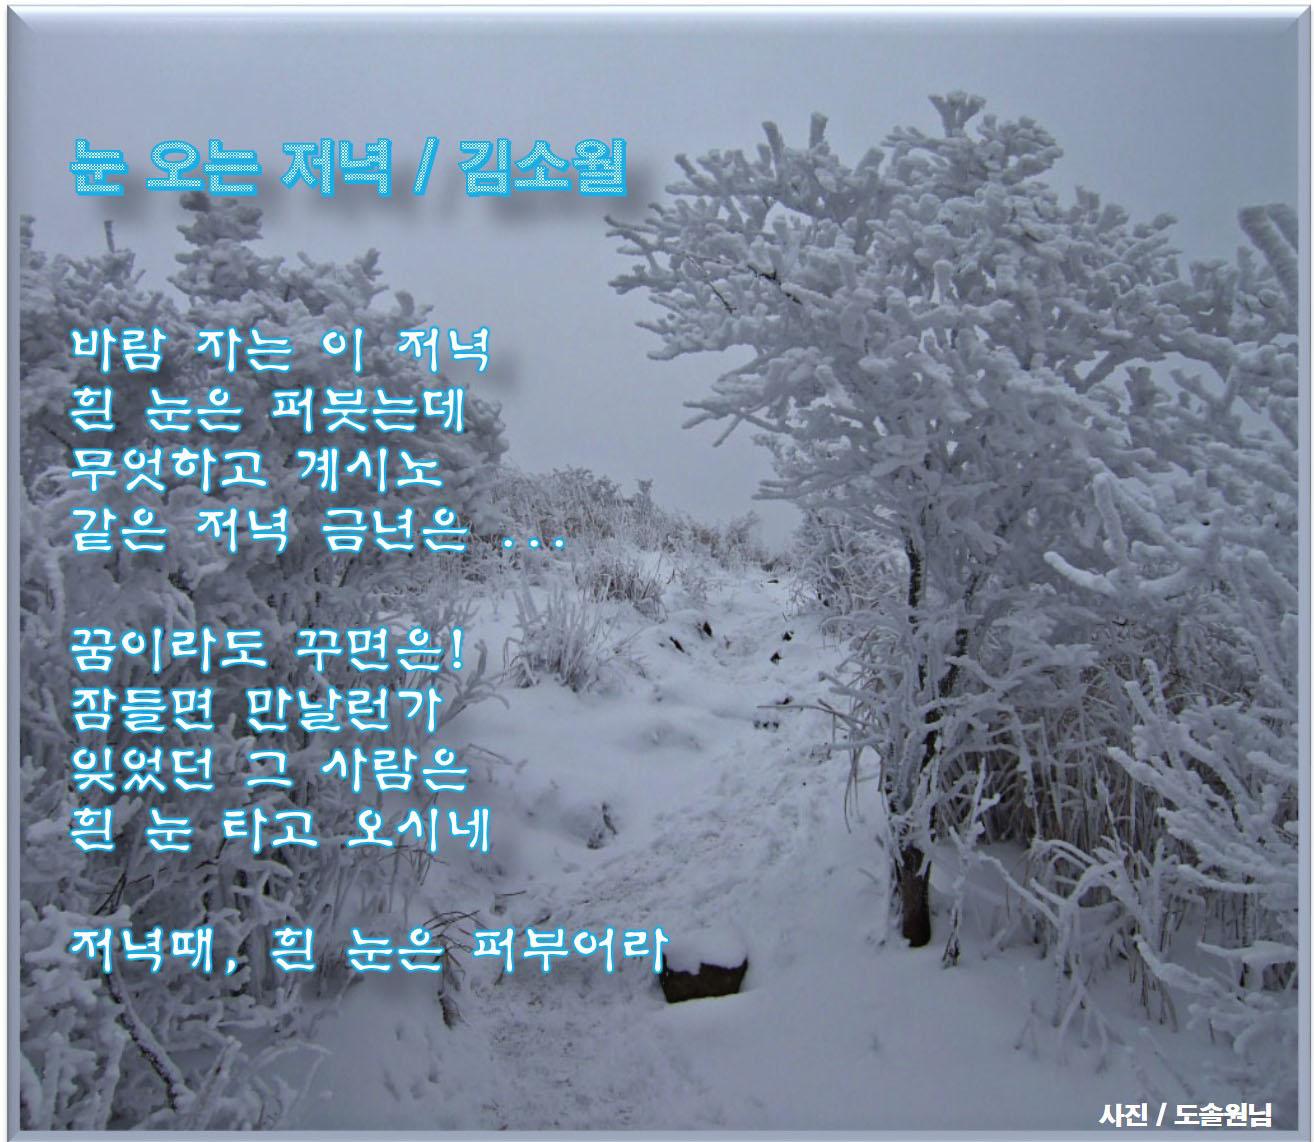 이 글은 파워포인트에서 만든 이미지입니다 눈 오는 저녁 / 김소월